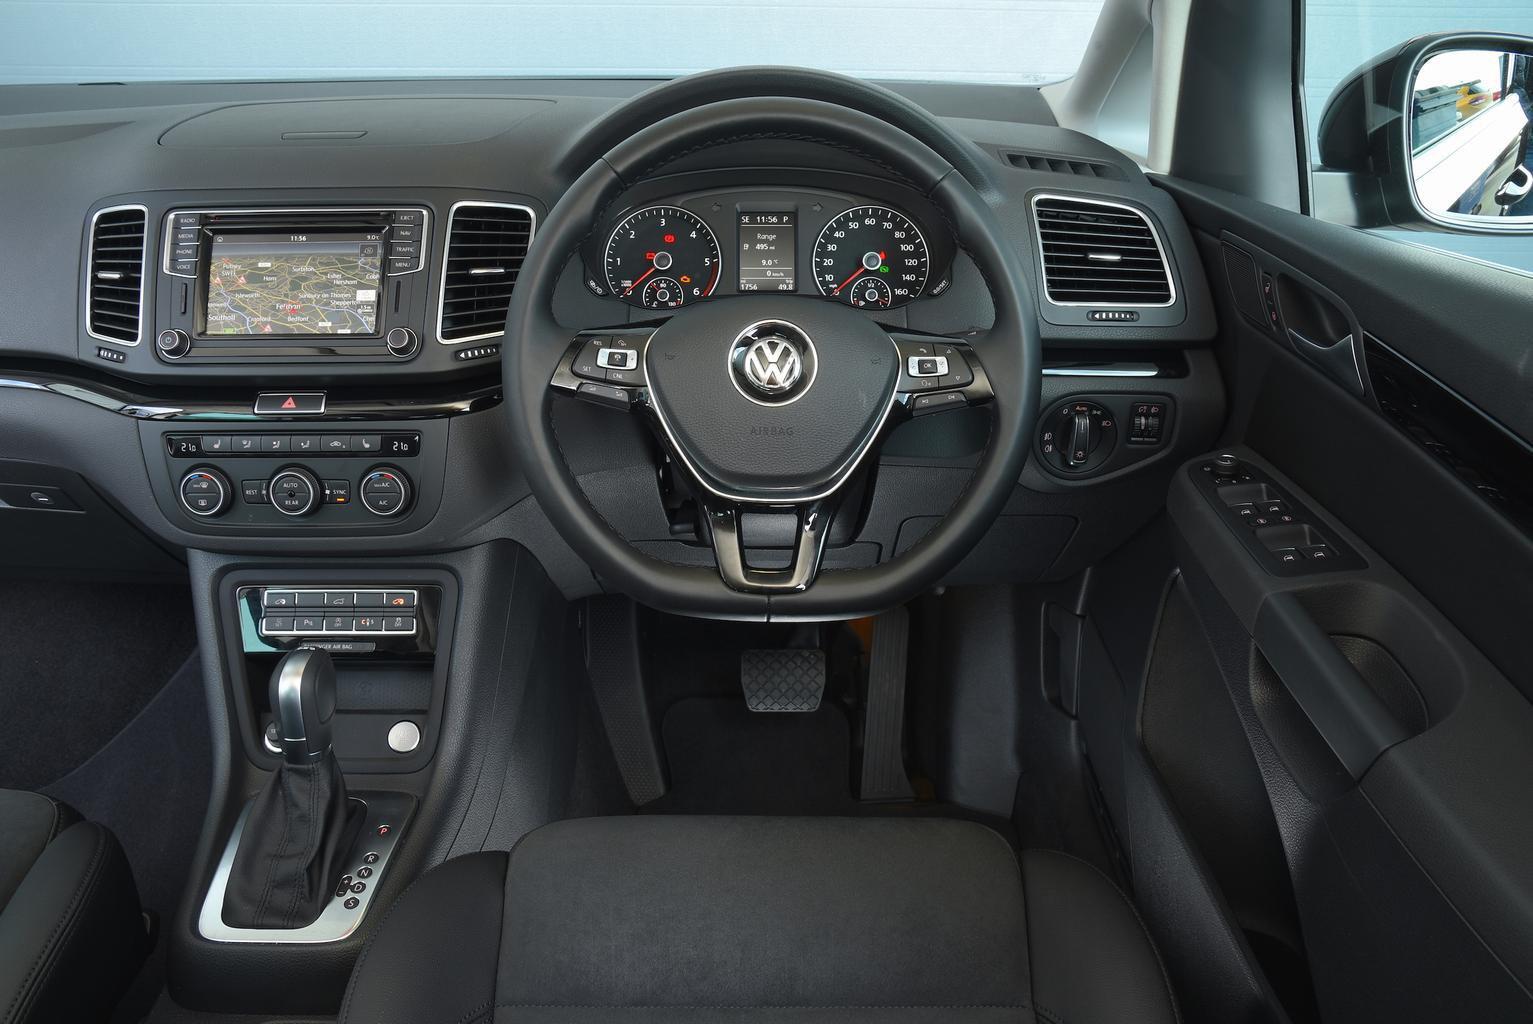 Volkswagen Sharan 1.4 TSI S - interior